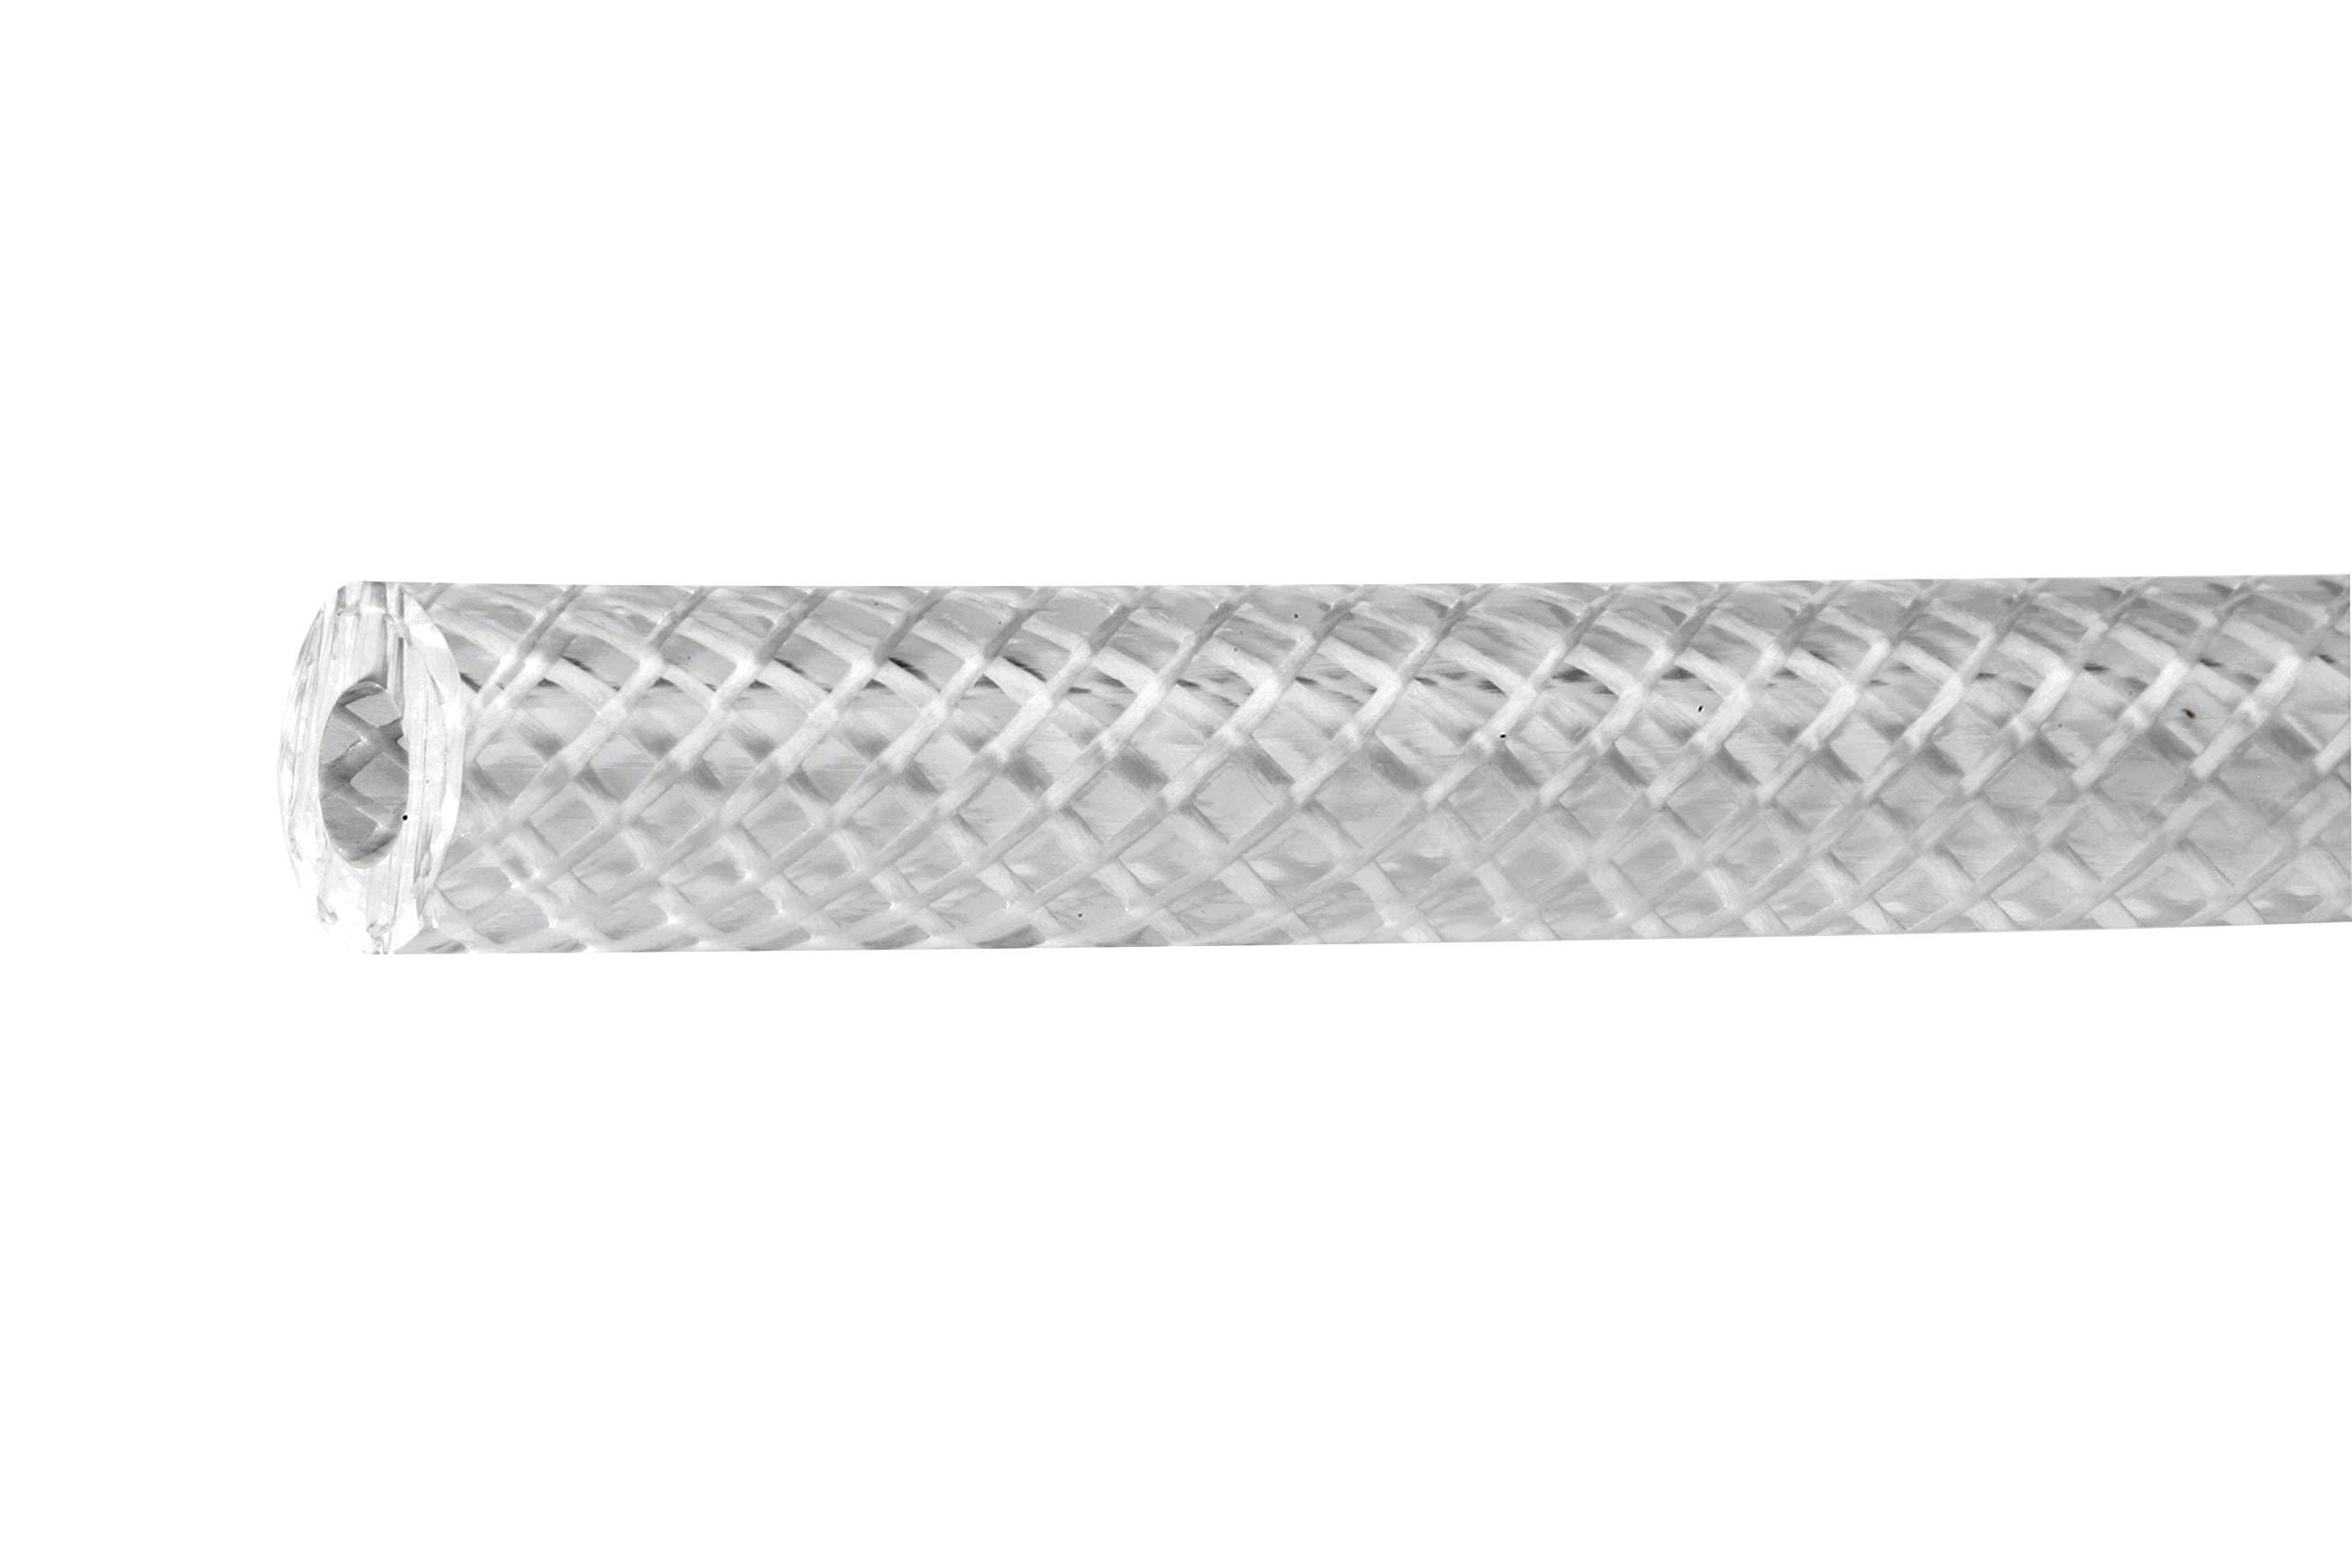 - 4 m L/änge Flexibel /& Knickfest // Teichschlauch // Spiralschlauch // 9920530 Meister Mehrzweckschlauch 25,4 mm Geeignet f/ür Pumpen 1 Zoll Zur Be- /& Entw/ässerung Filter- /& Sauganlagen